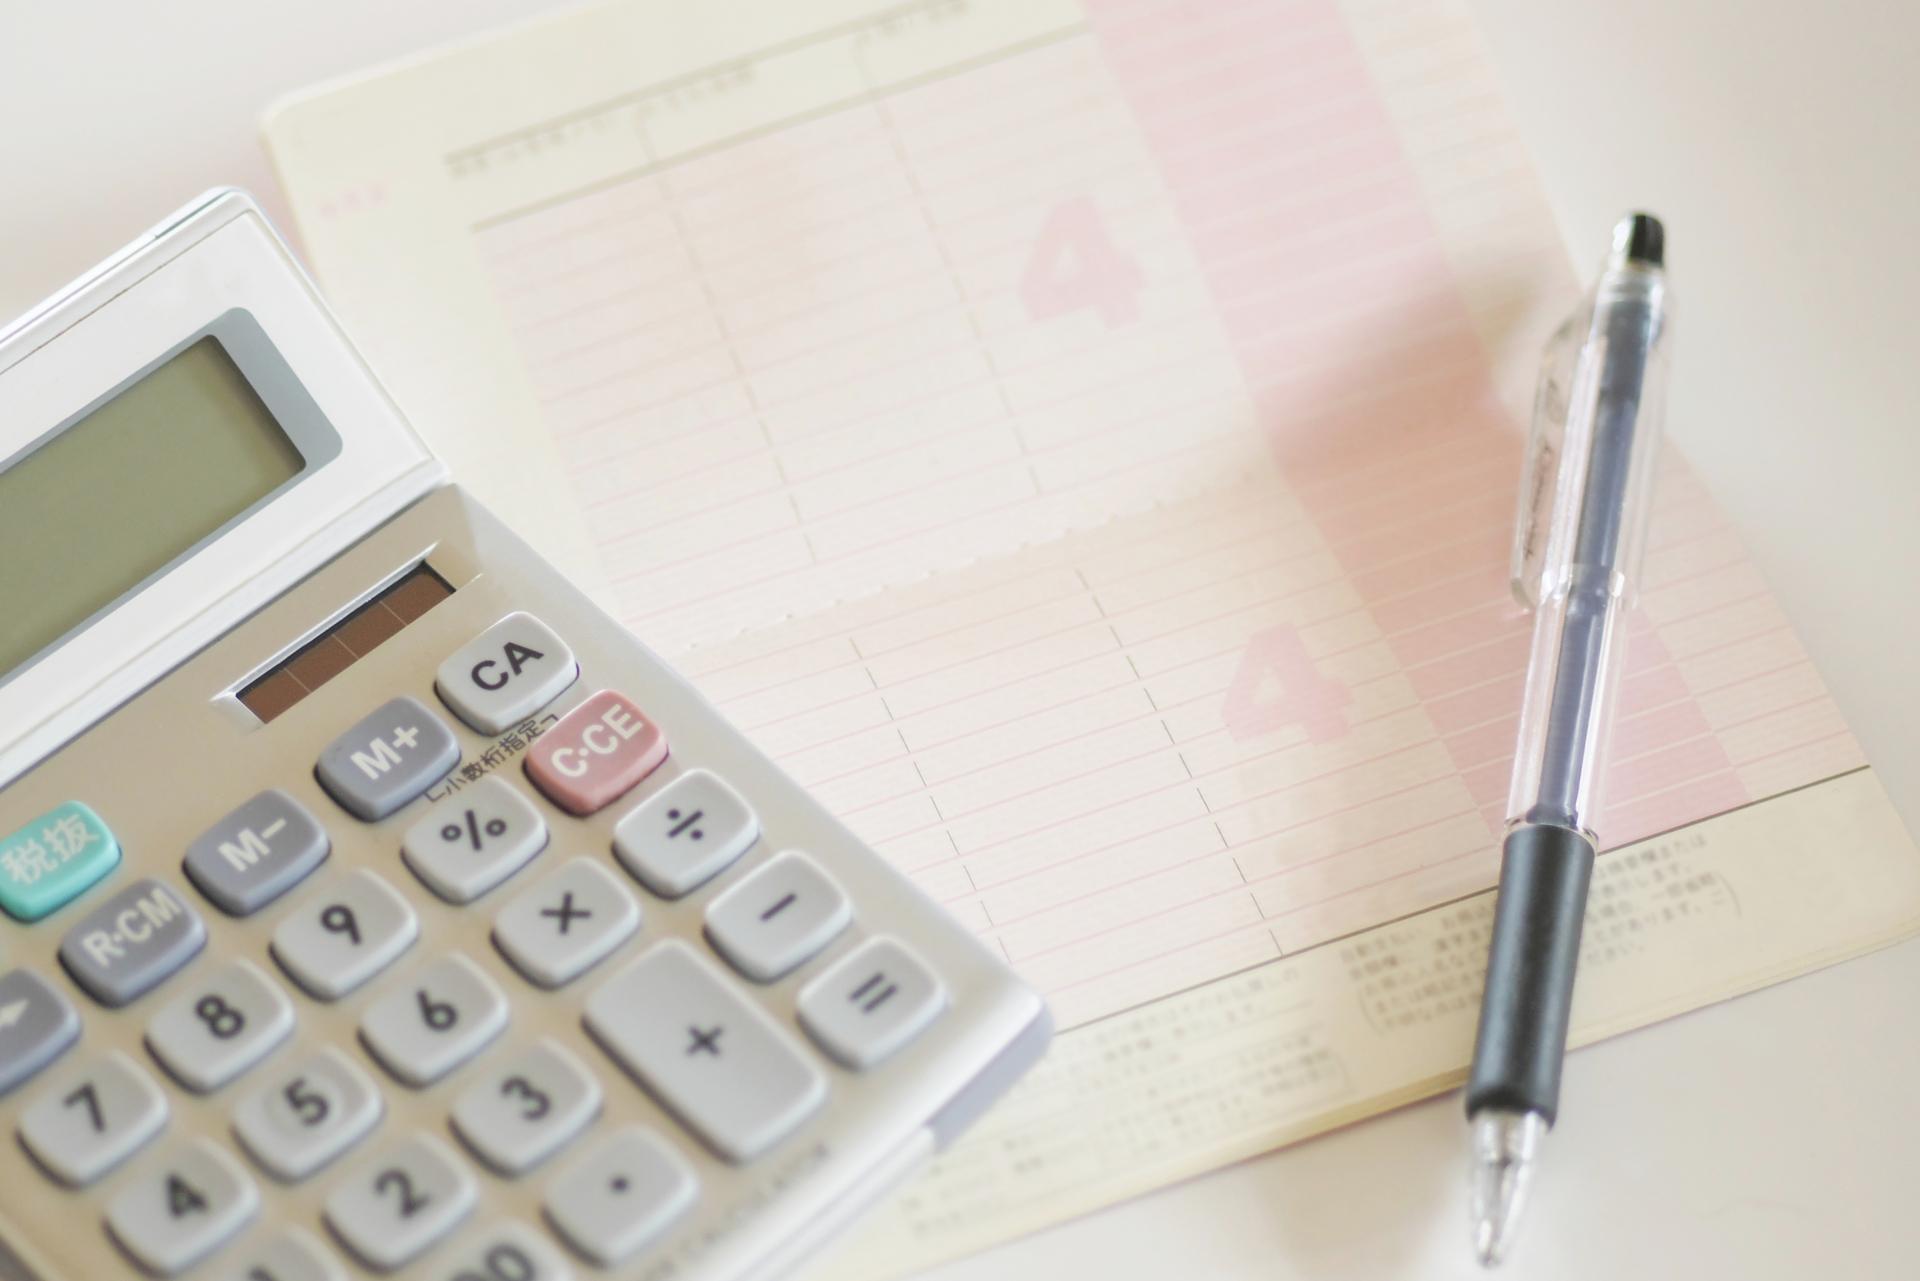 手取り25万円の年収・額面まとめ!生活費や家賃・貯金の貯め方まで解説!